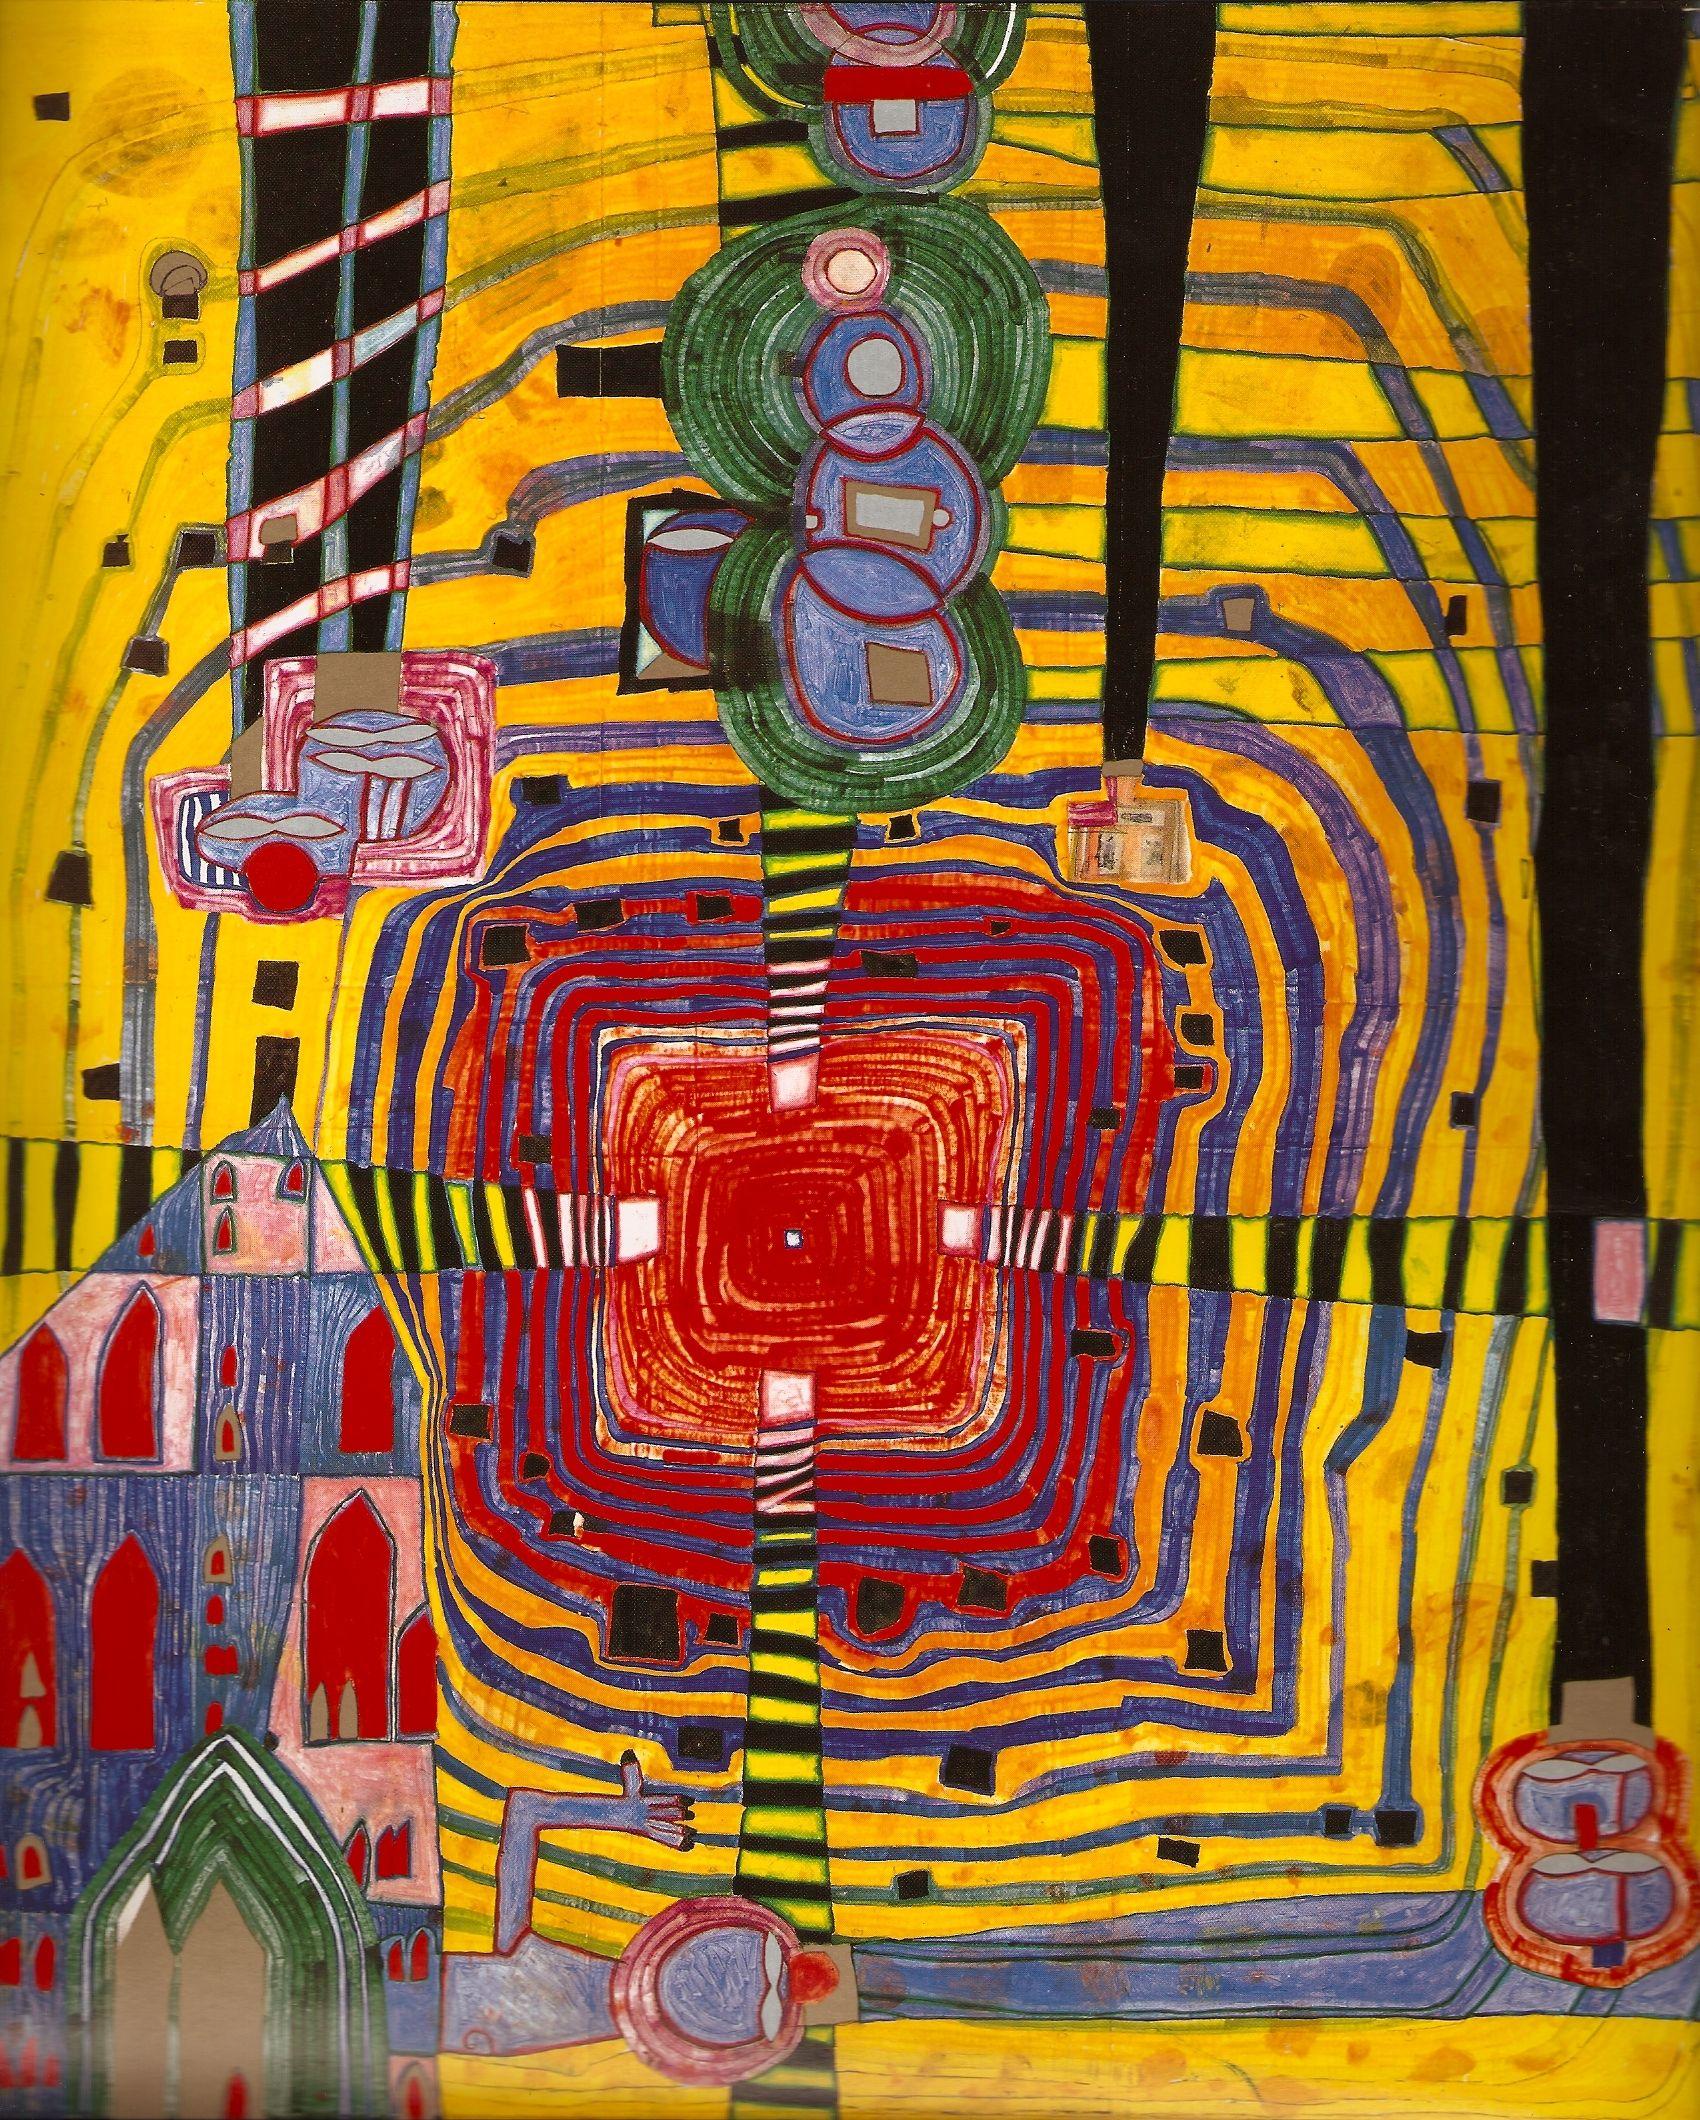 Friedensreich Hundertwasser - 1928-2000                                                                                                                                                                                 Más